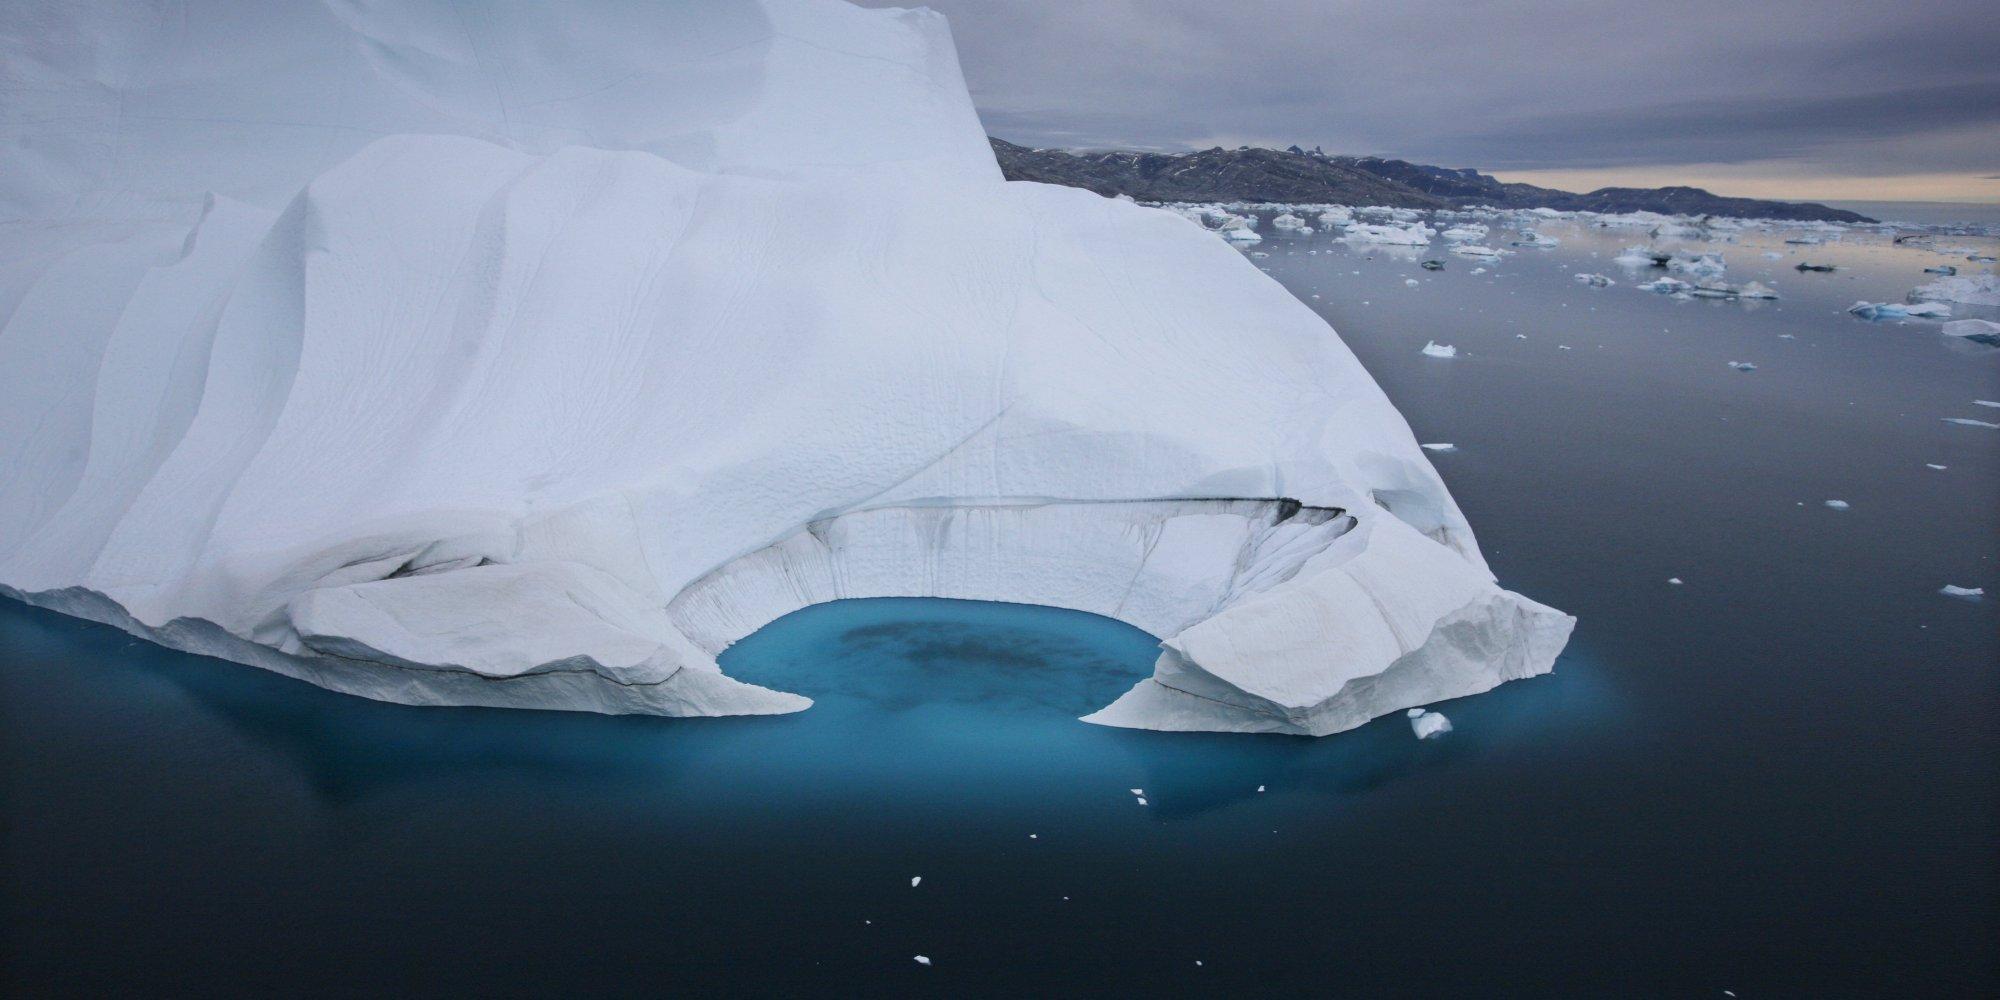 Qingdao Haichang Polar Ocean World, Water World in Qingdao